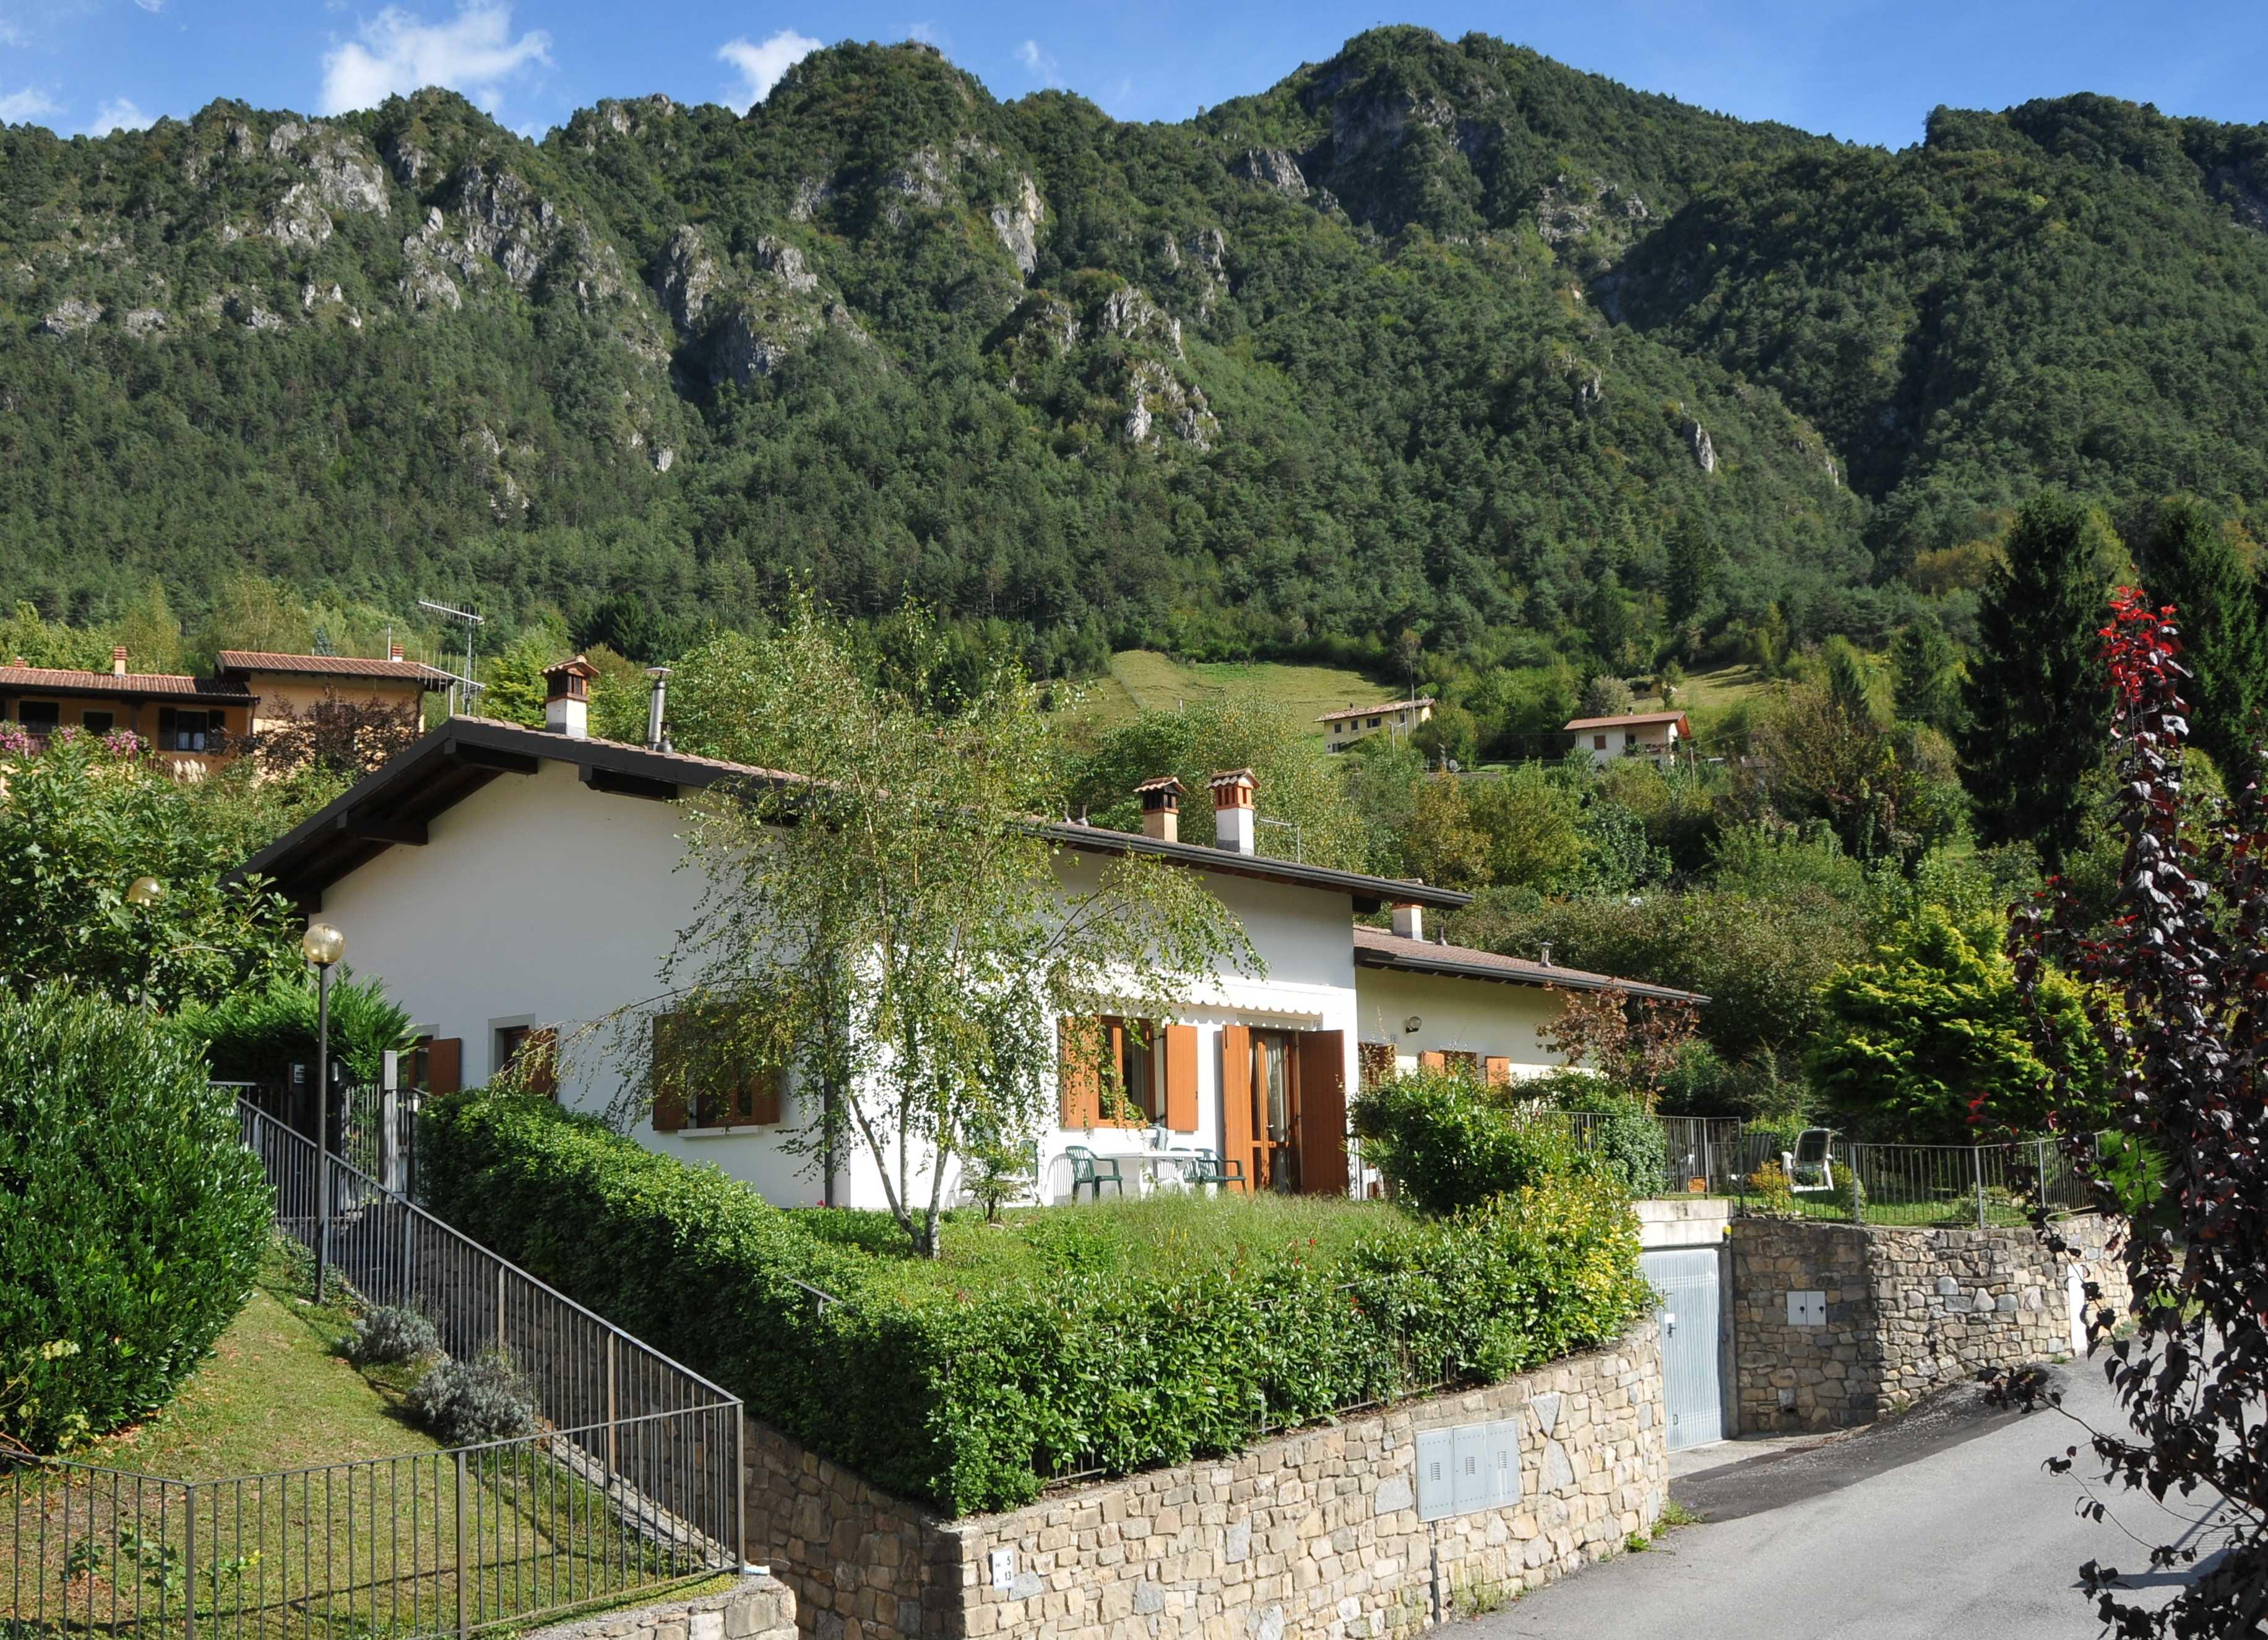 Casa 2 Lucia vista dall'esterno - lago di Idro - Hotel Alpino